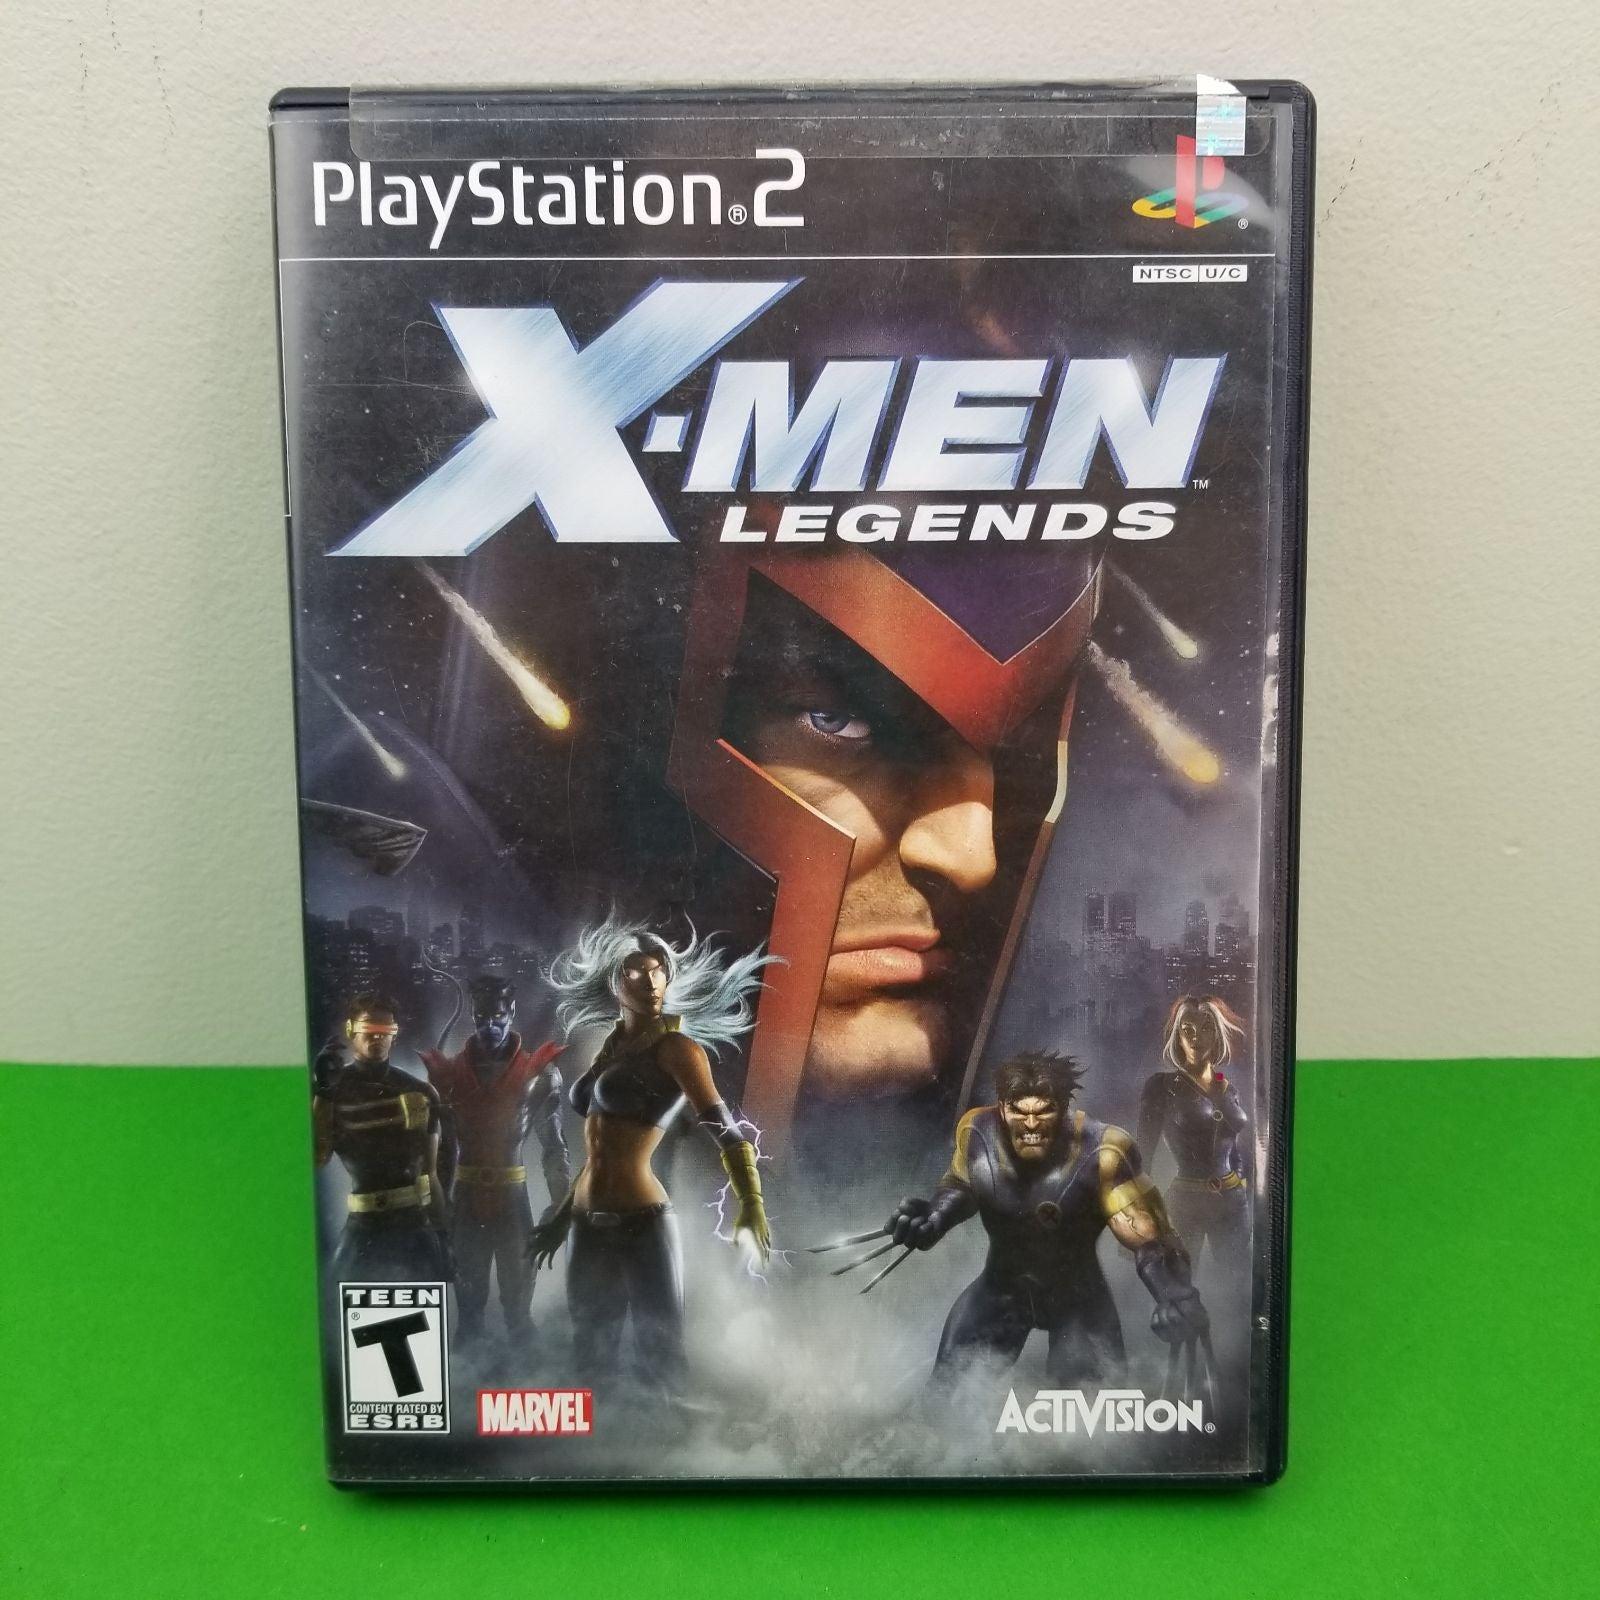 X-Men Legends - PlayStation 2 - No Manua